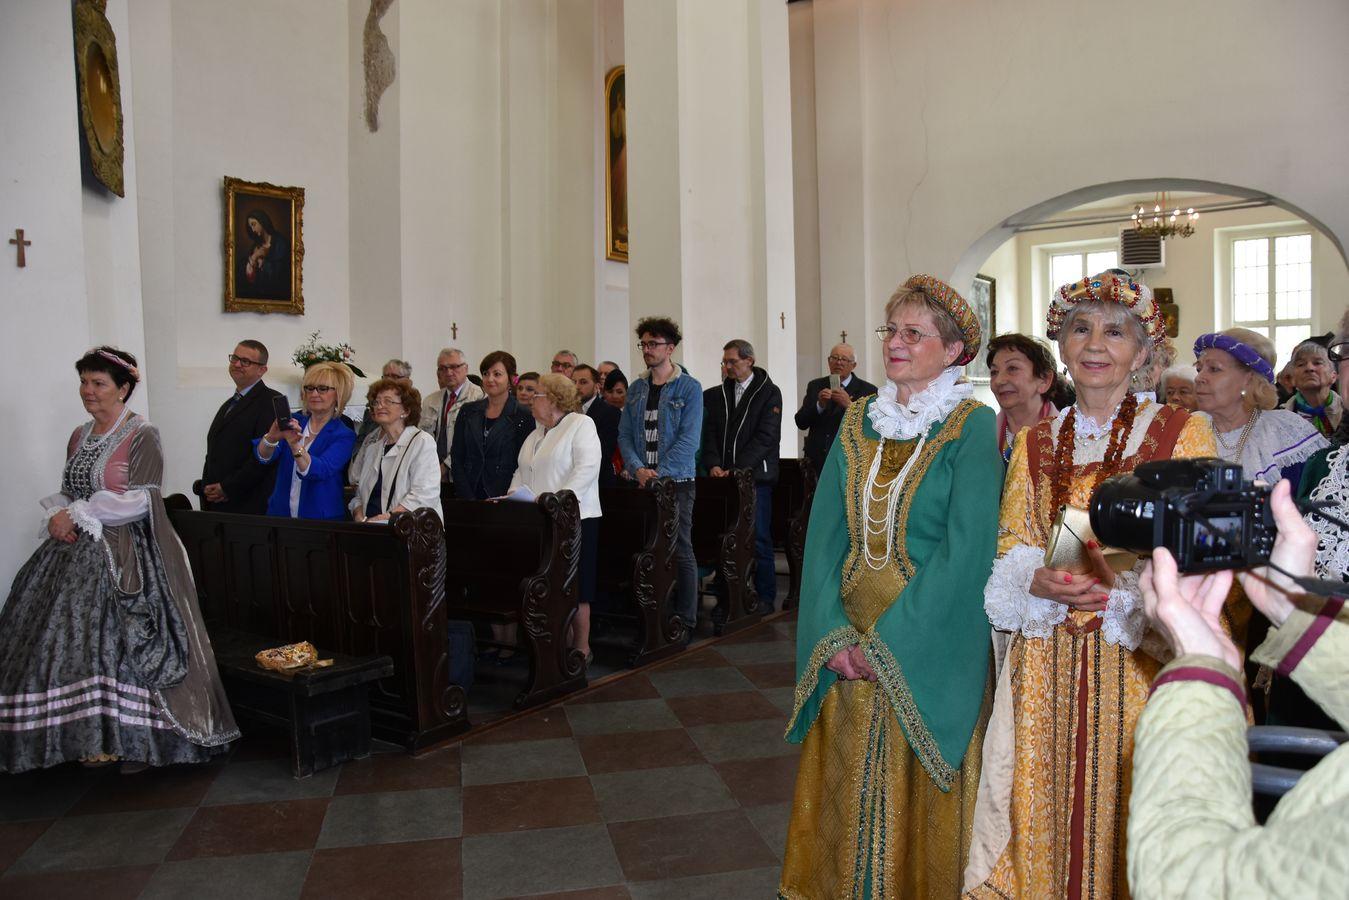 Msza św. w Kaplicy Królewskiej fot. J. Wikowski A31_7083